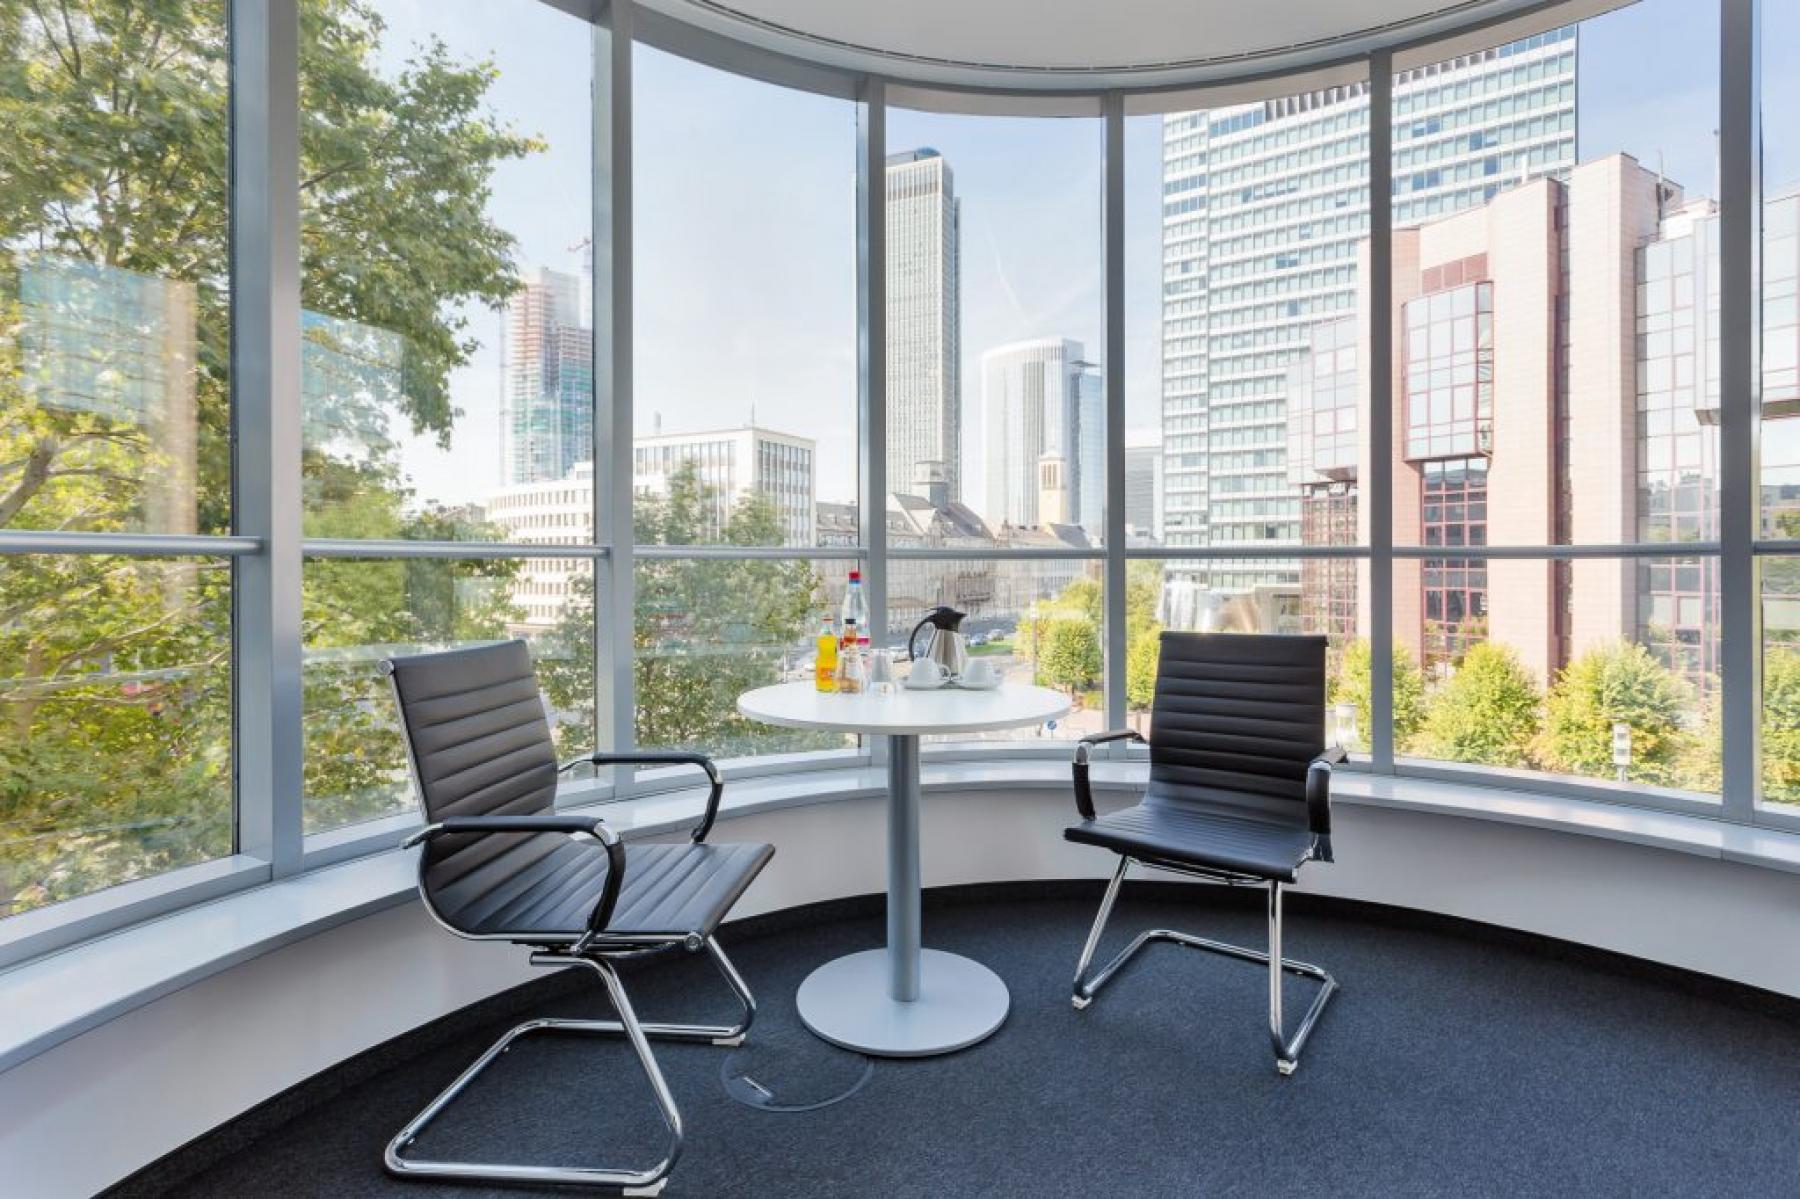 Wunderschöne Ausblick aus dem Business Center in Frankfurt